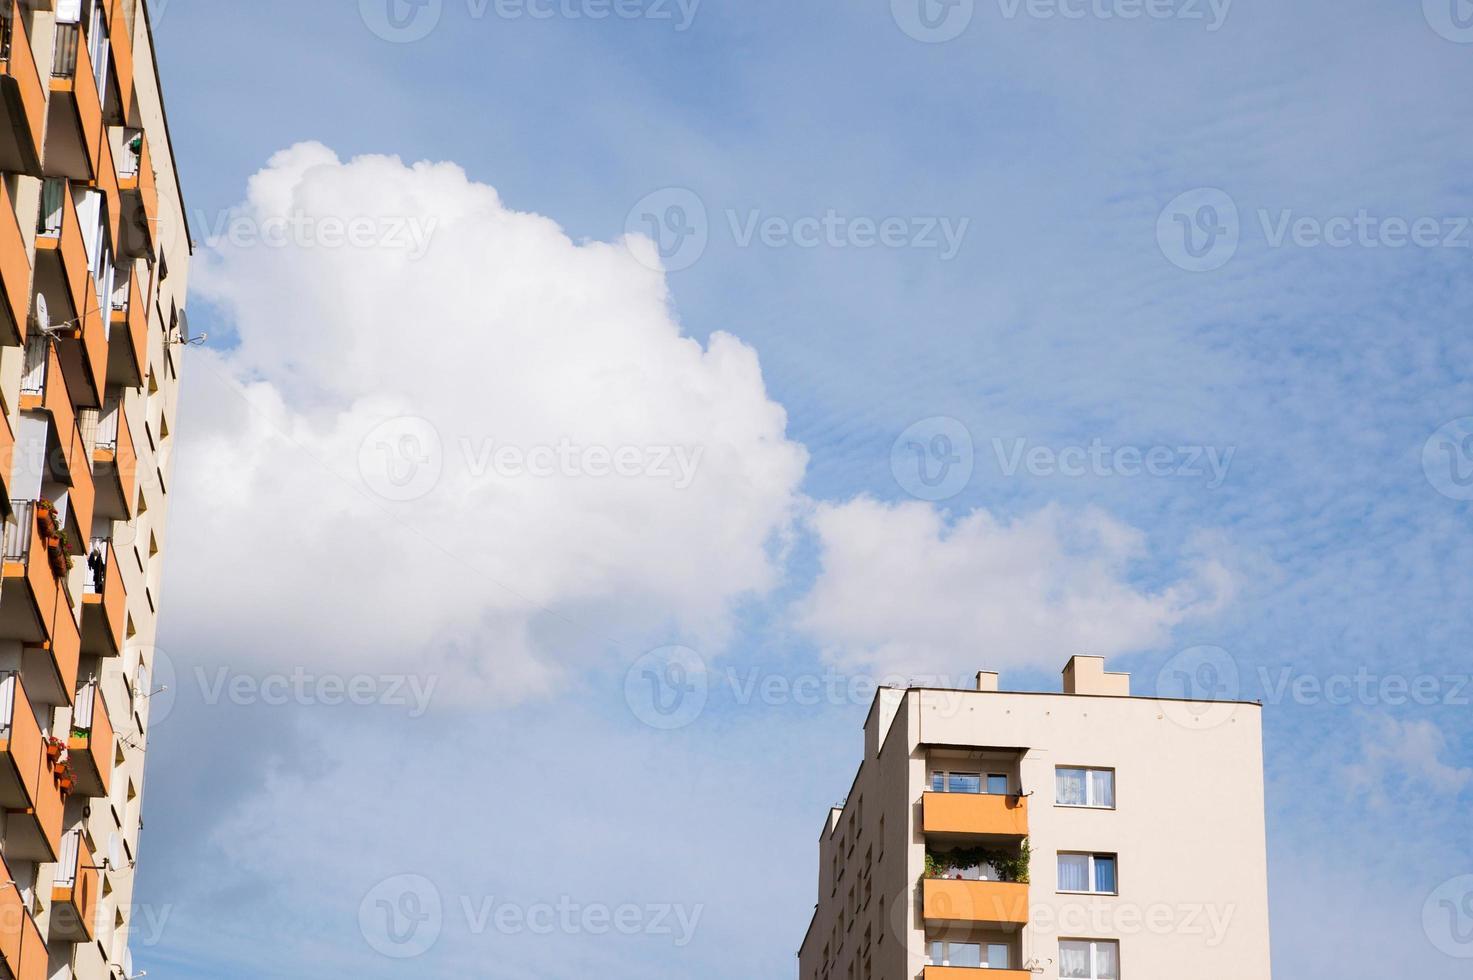 nuovi edifici residenziali con spazio di copia foto